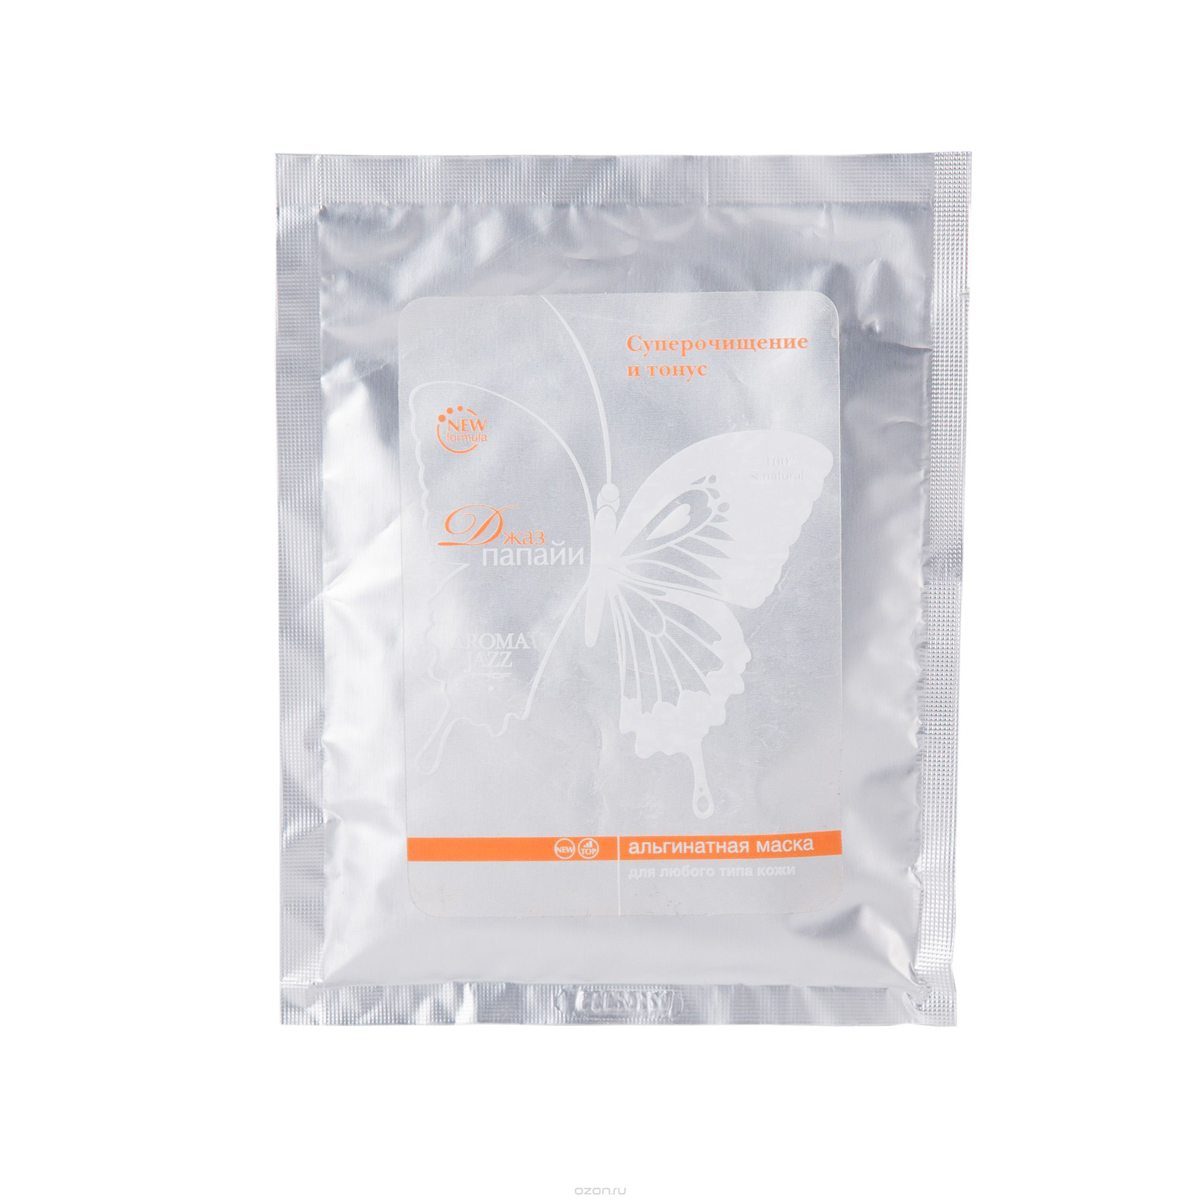 Aroma Jazz Пластифицирующая альгинатная маска для лица Джаз папайи, 100 млAC-1121RDДействие: маска способствует глубокому очищению и улучшению цвета кожи, обладает отшелушивающим действием, активизирует обновление клеток кожи, выравнивает структуру кожи и тонизирует ее. Маска не требует смывания водой. Через 30 минут она легко снимается в виде мягкого пластичного слепка. Противопоказания: индивидуальная непереносимость компонентов. Срок хранения: 24 месяца.